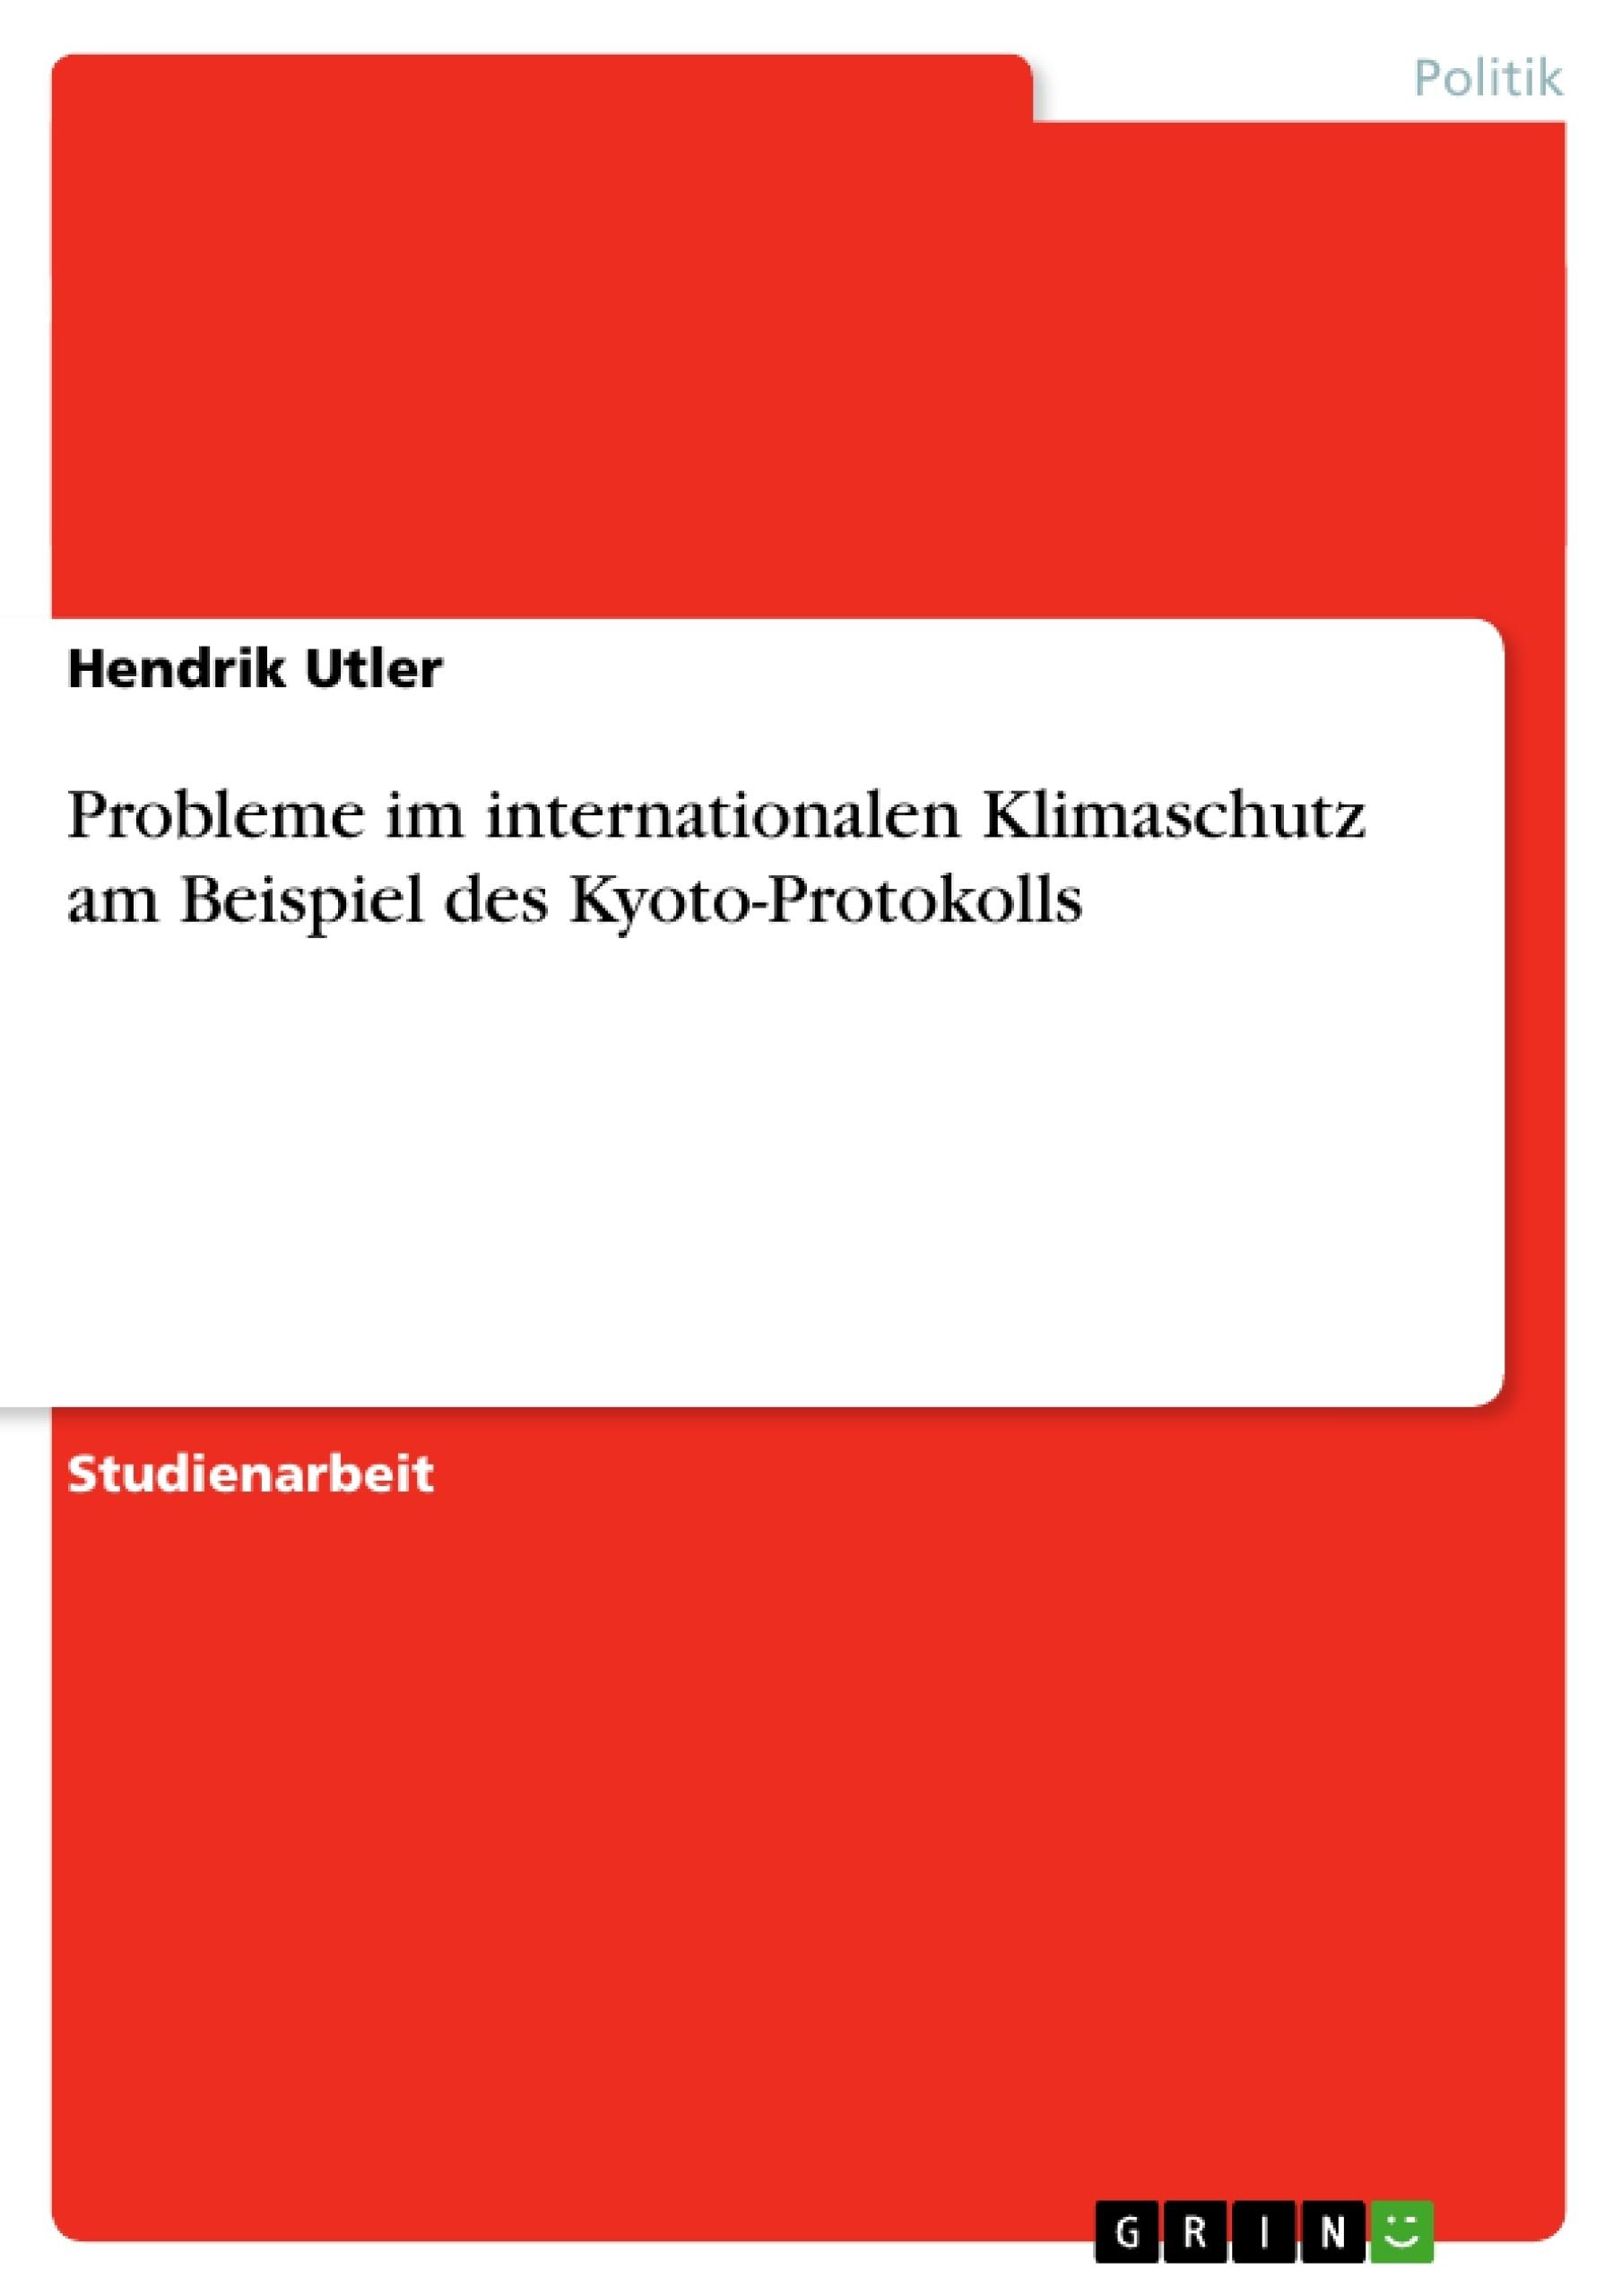 Titel: Probleme im internationalen Klimaschutz am Beispiel des Kyoto-Protokolls